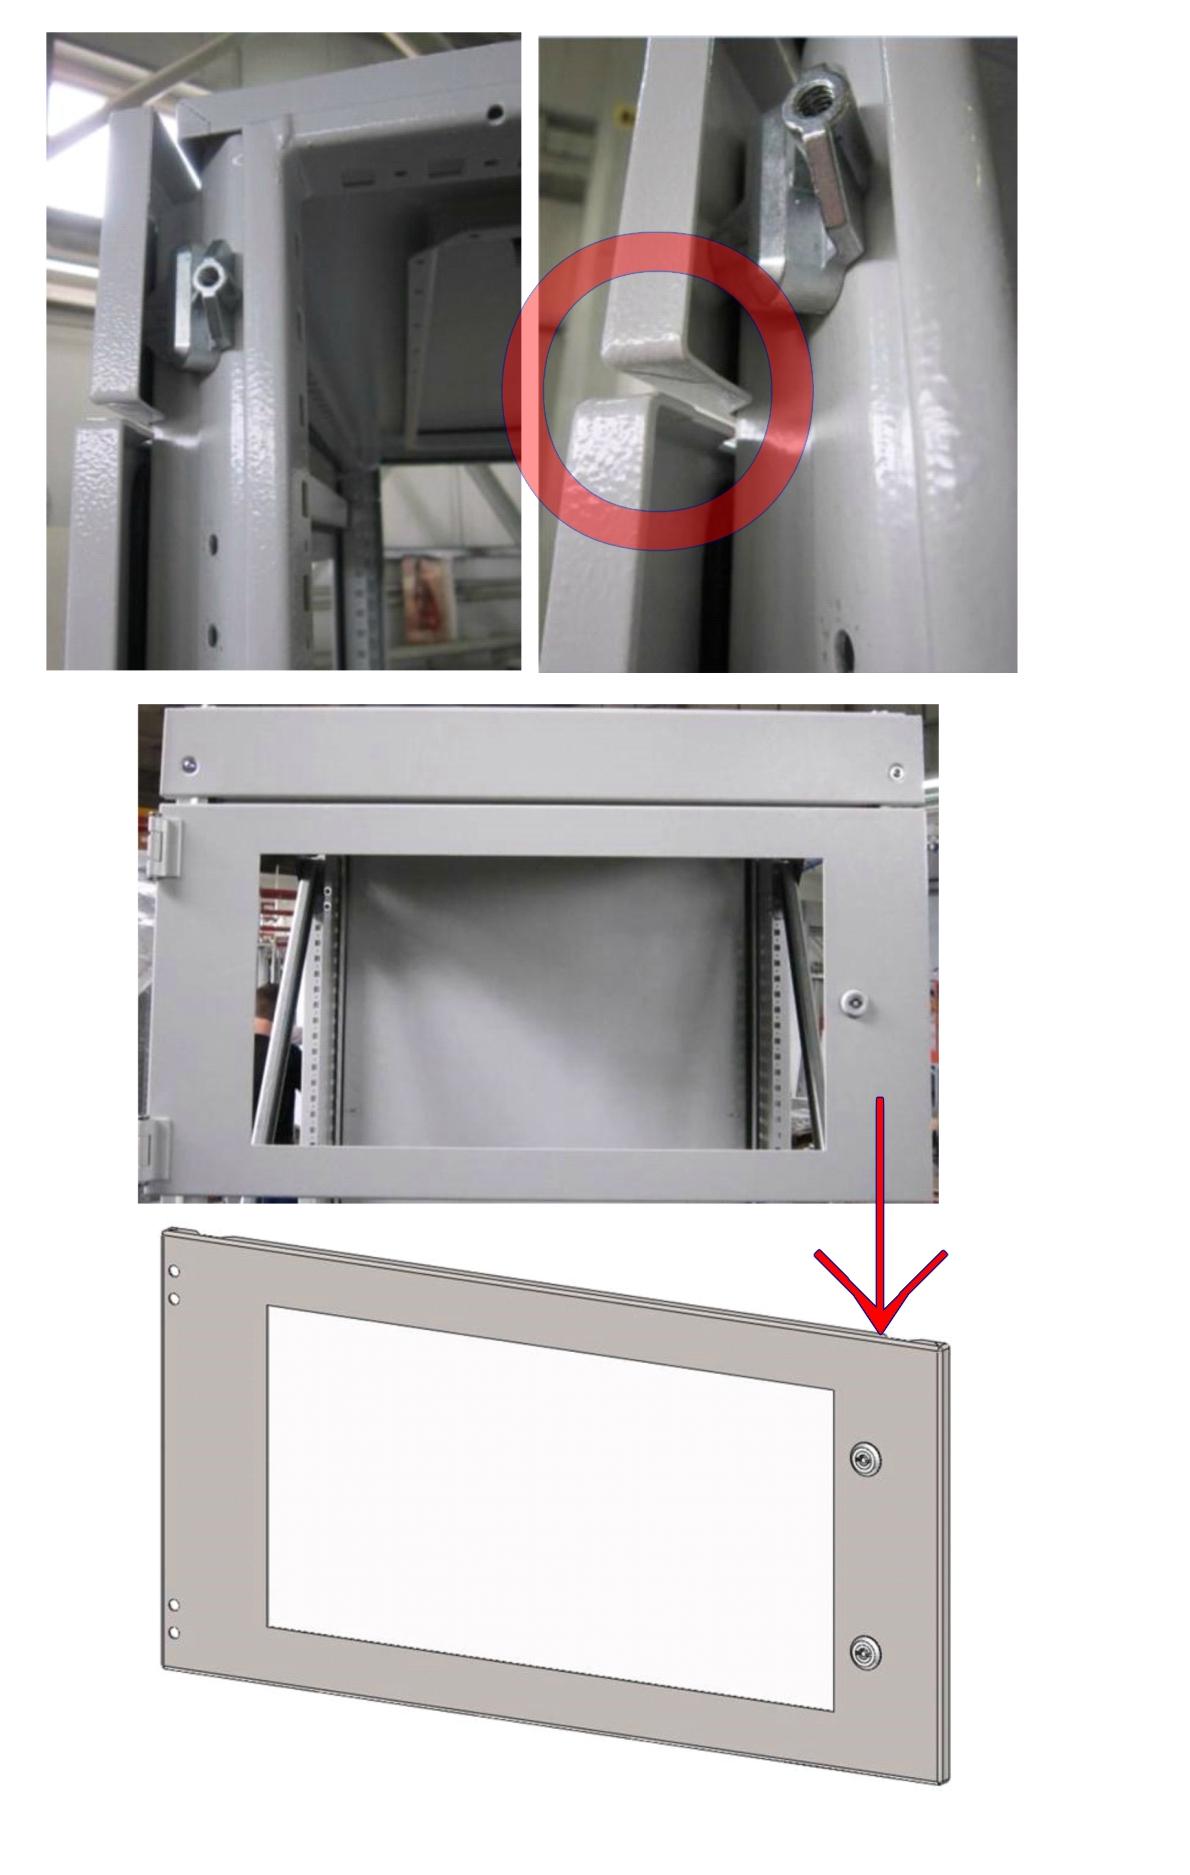 Проблема с недостаточным поджатием секционной двери решена!